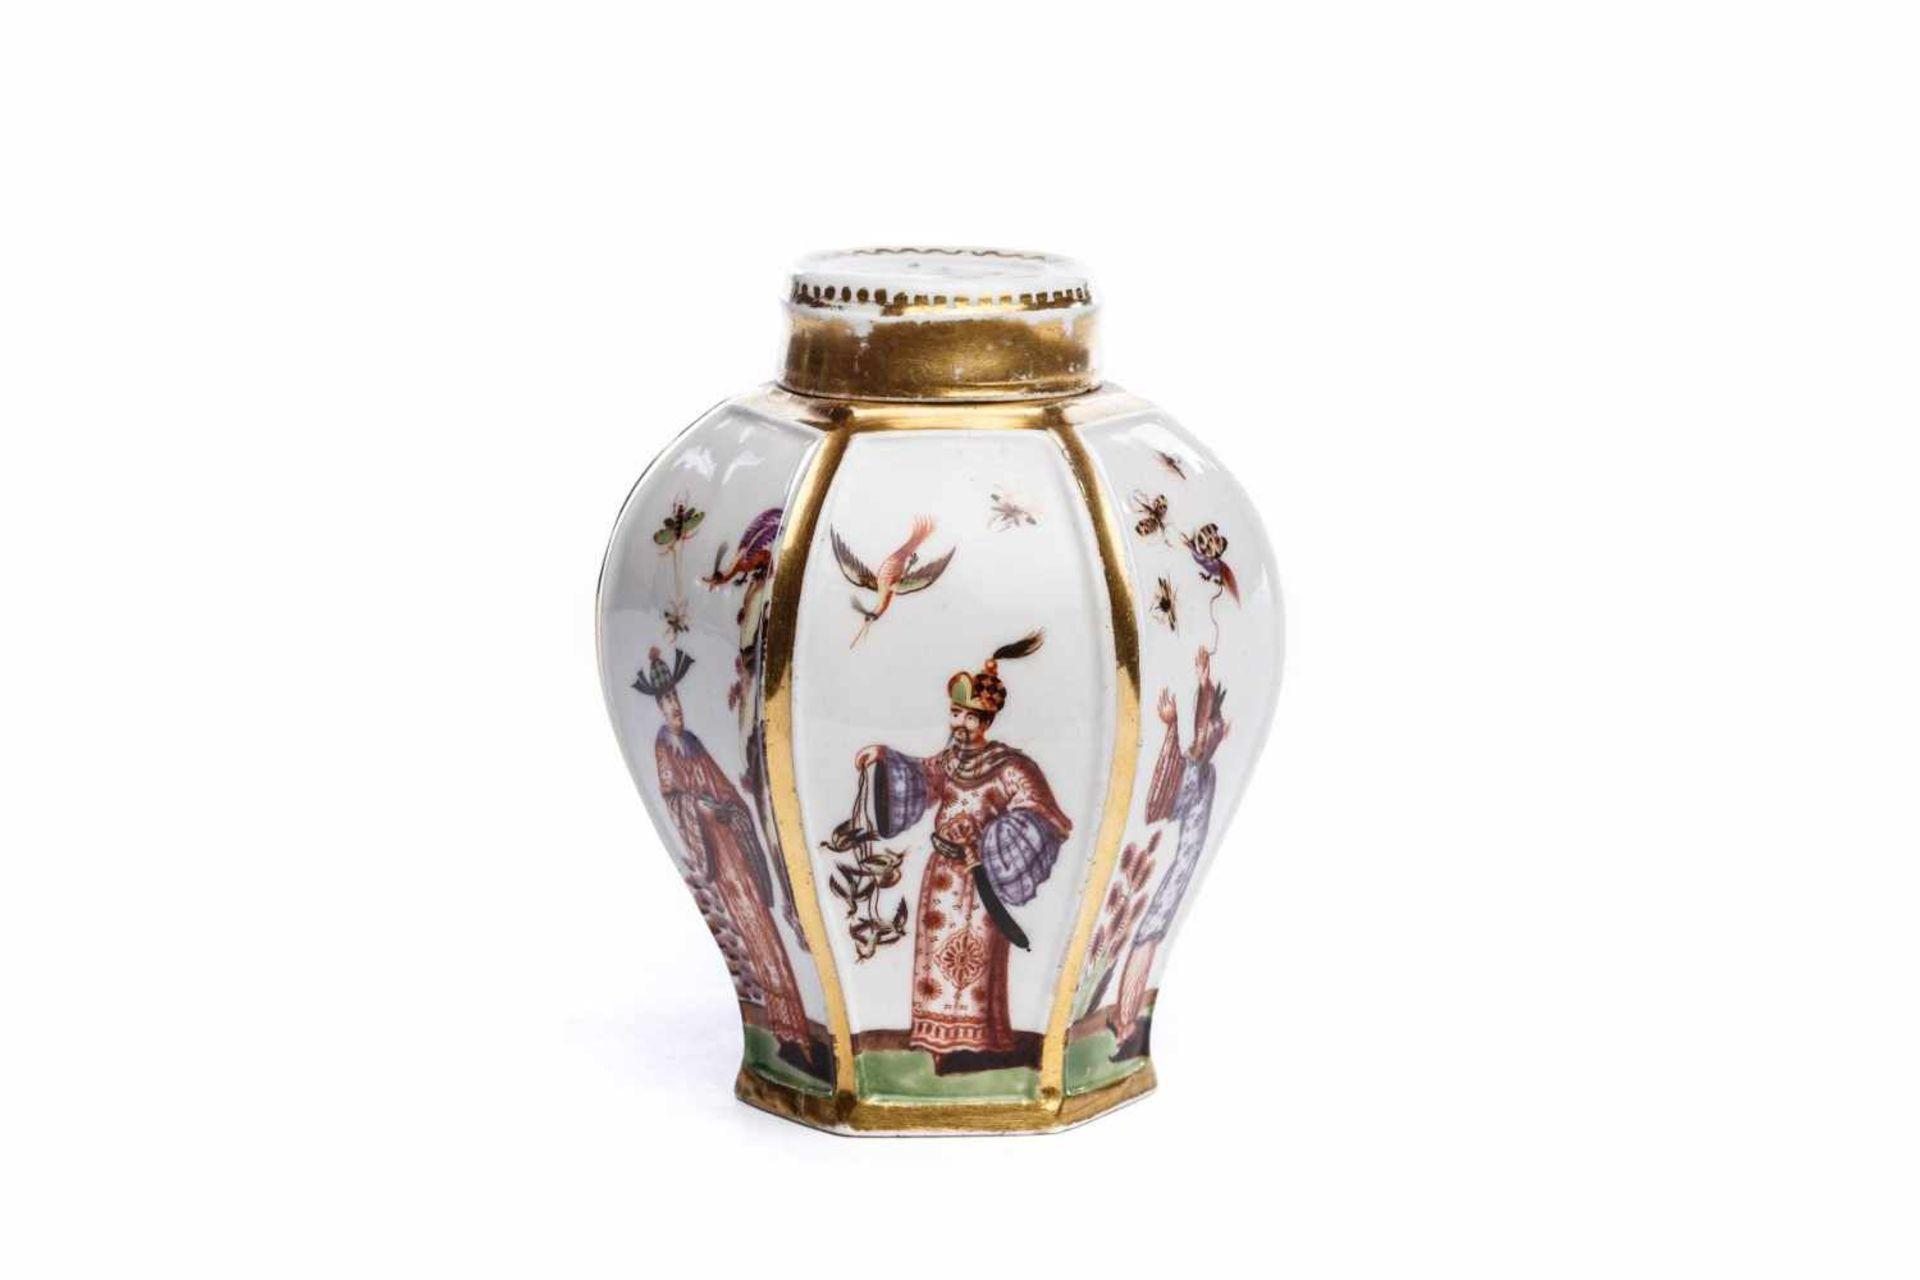 Teedose mit Chinoiserie Szenen, Meissen 1725/30